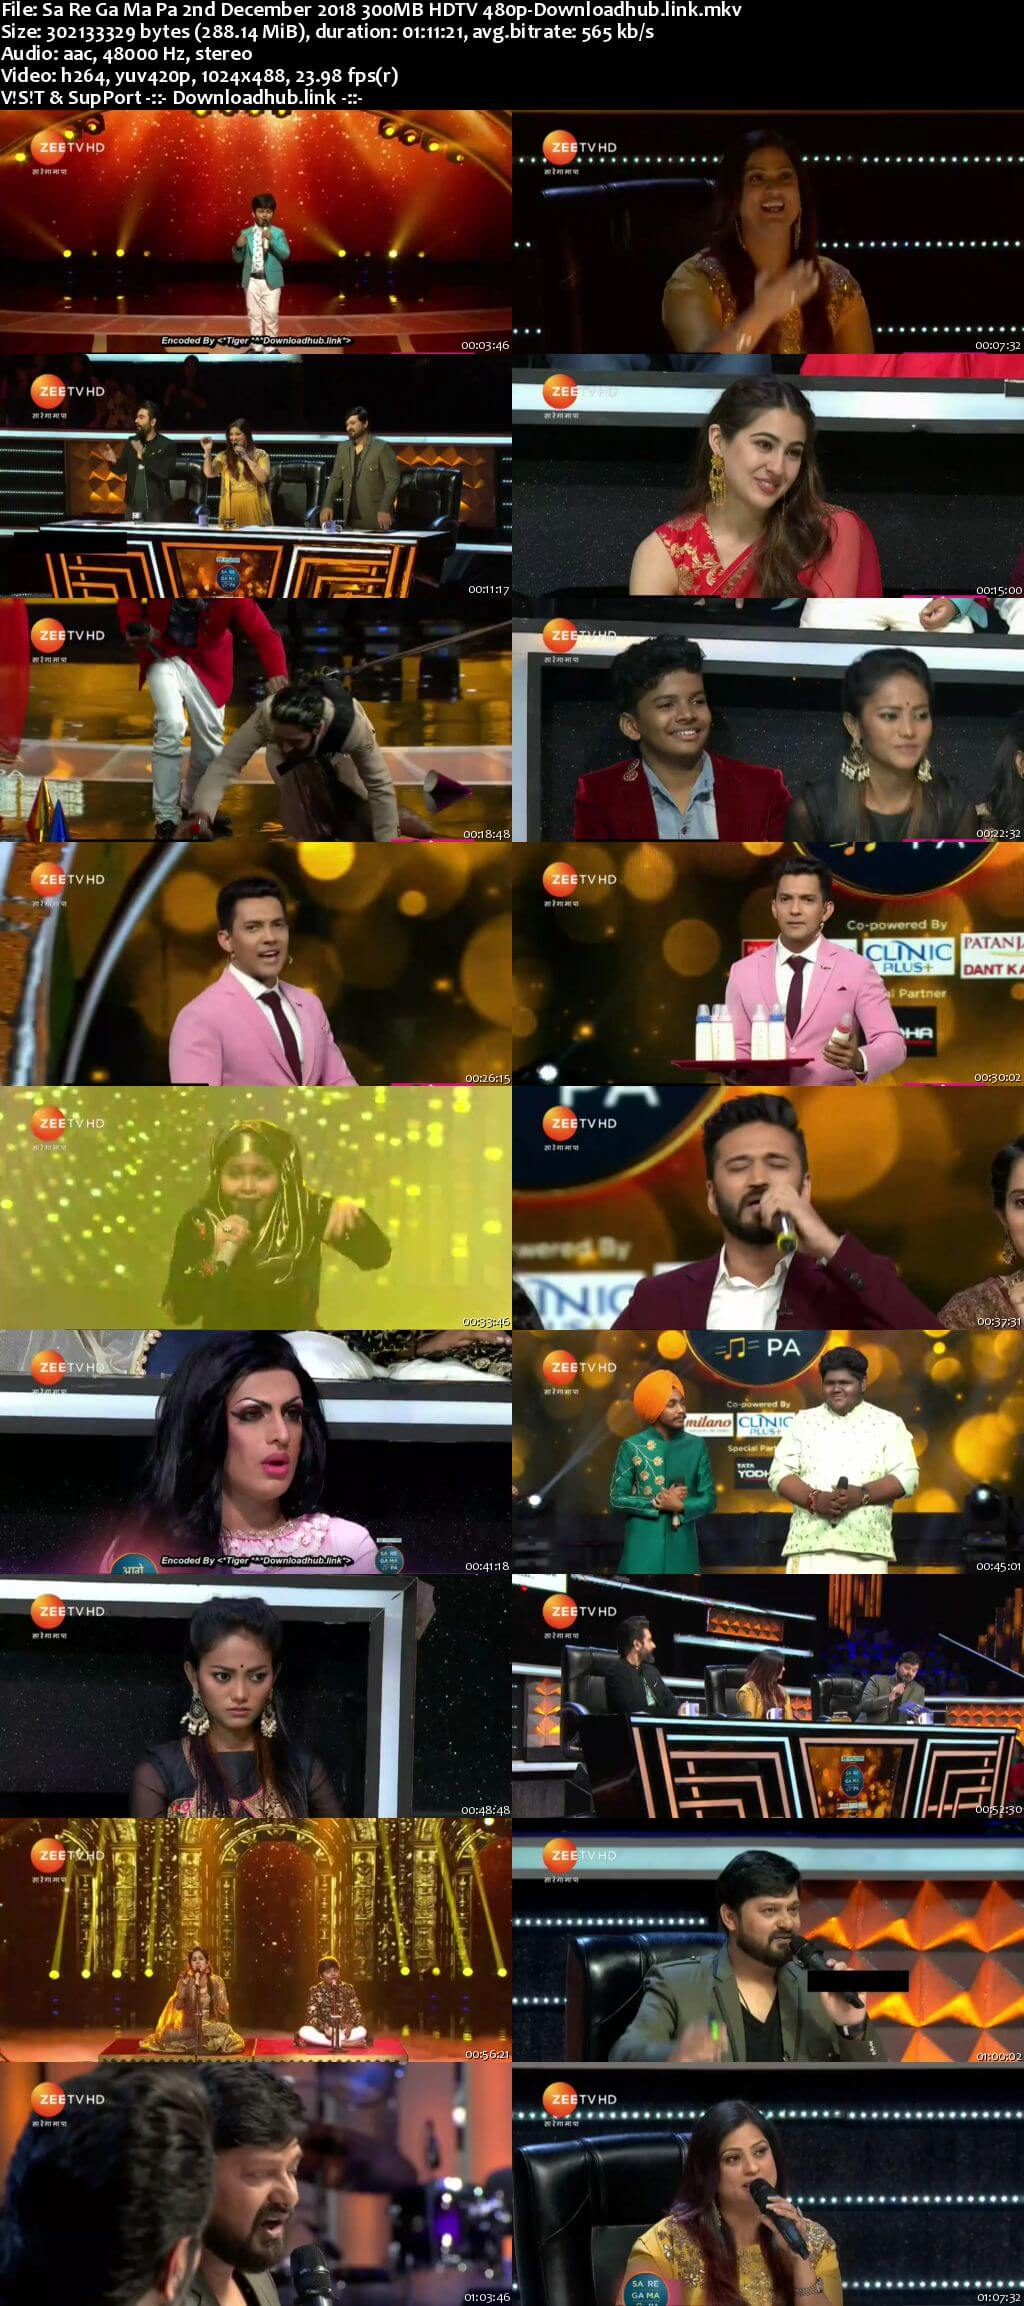 Sa Re Ga Ma Pa 02 December 2018 Episode 15 HDTV 480p